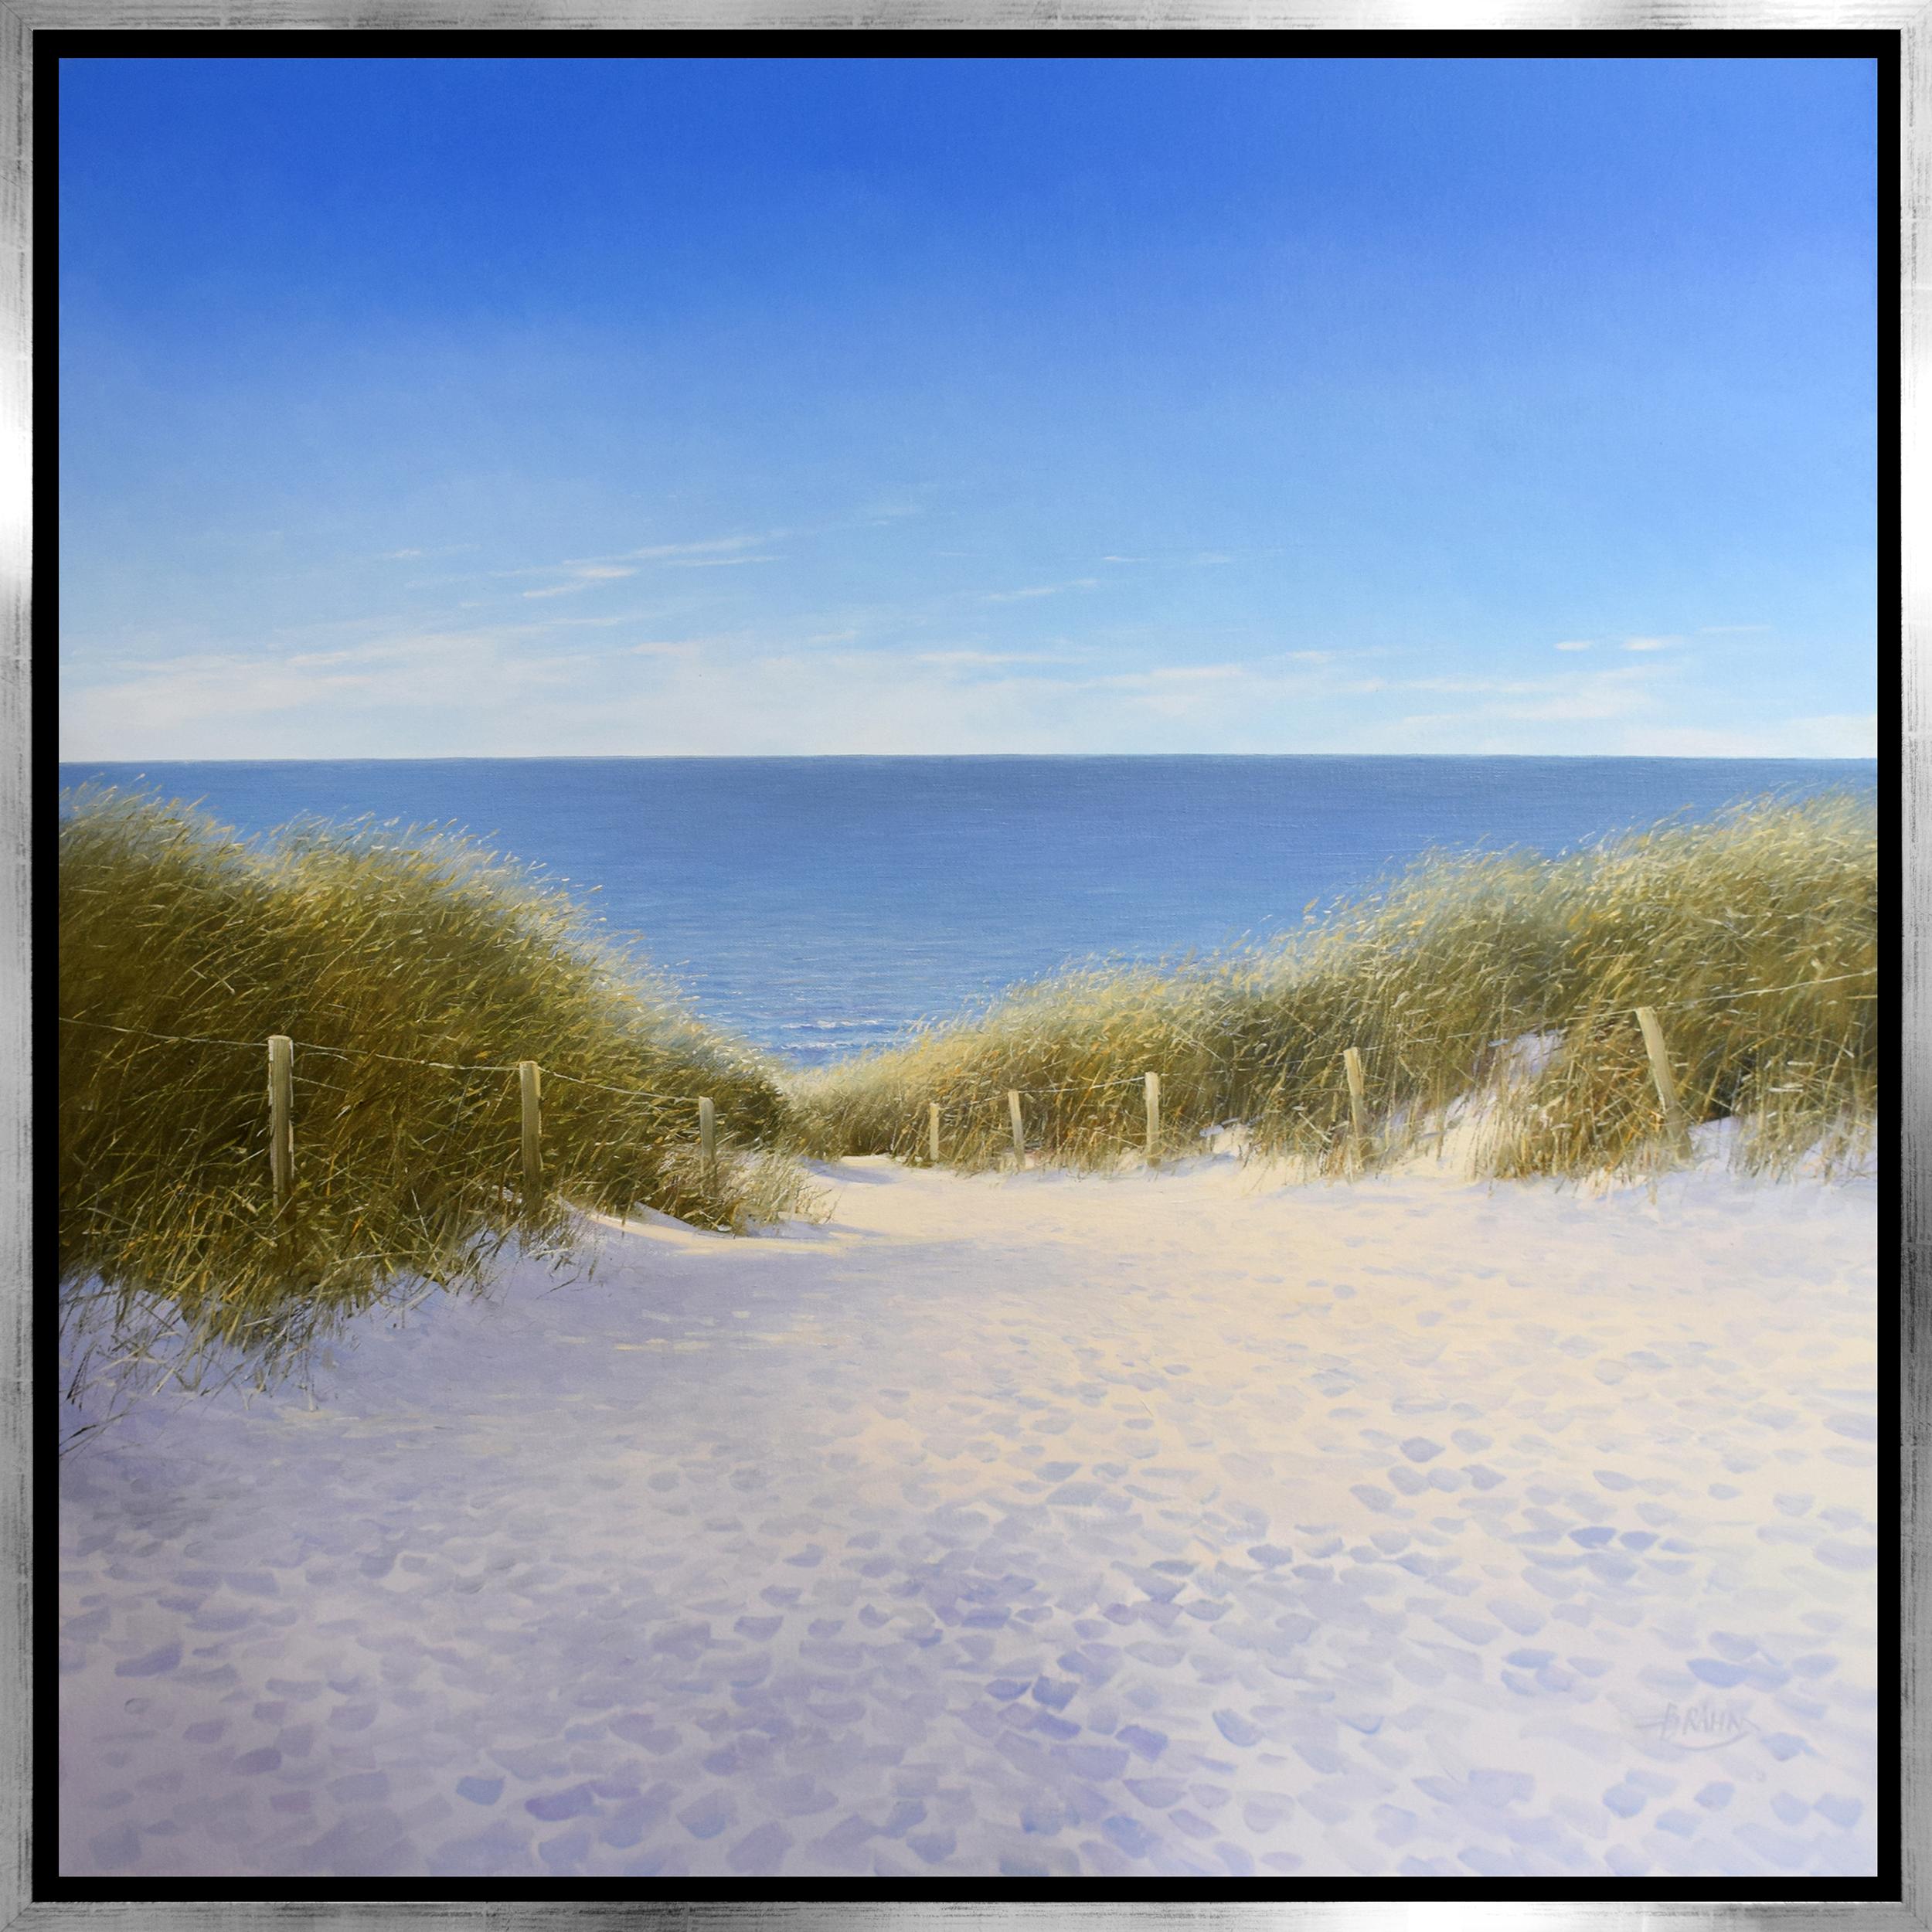 Detlef Rahn - Weg zum Strand, Sylt , 7838-006-073